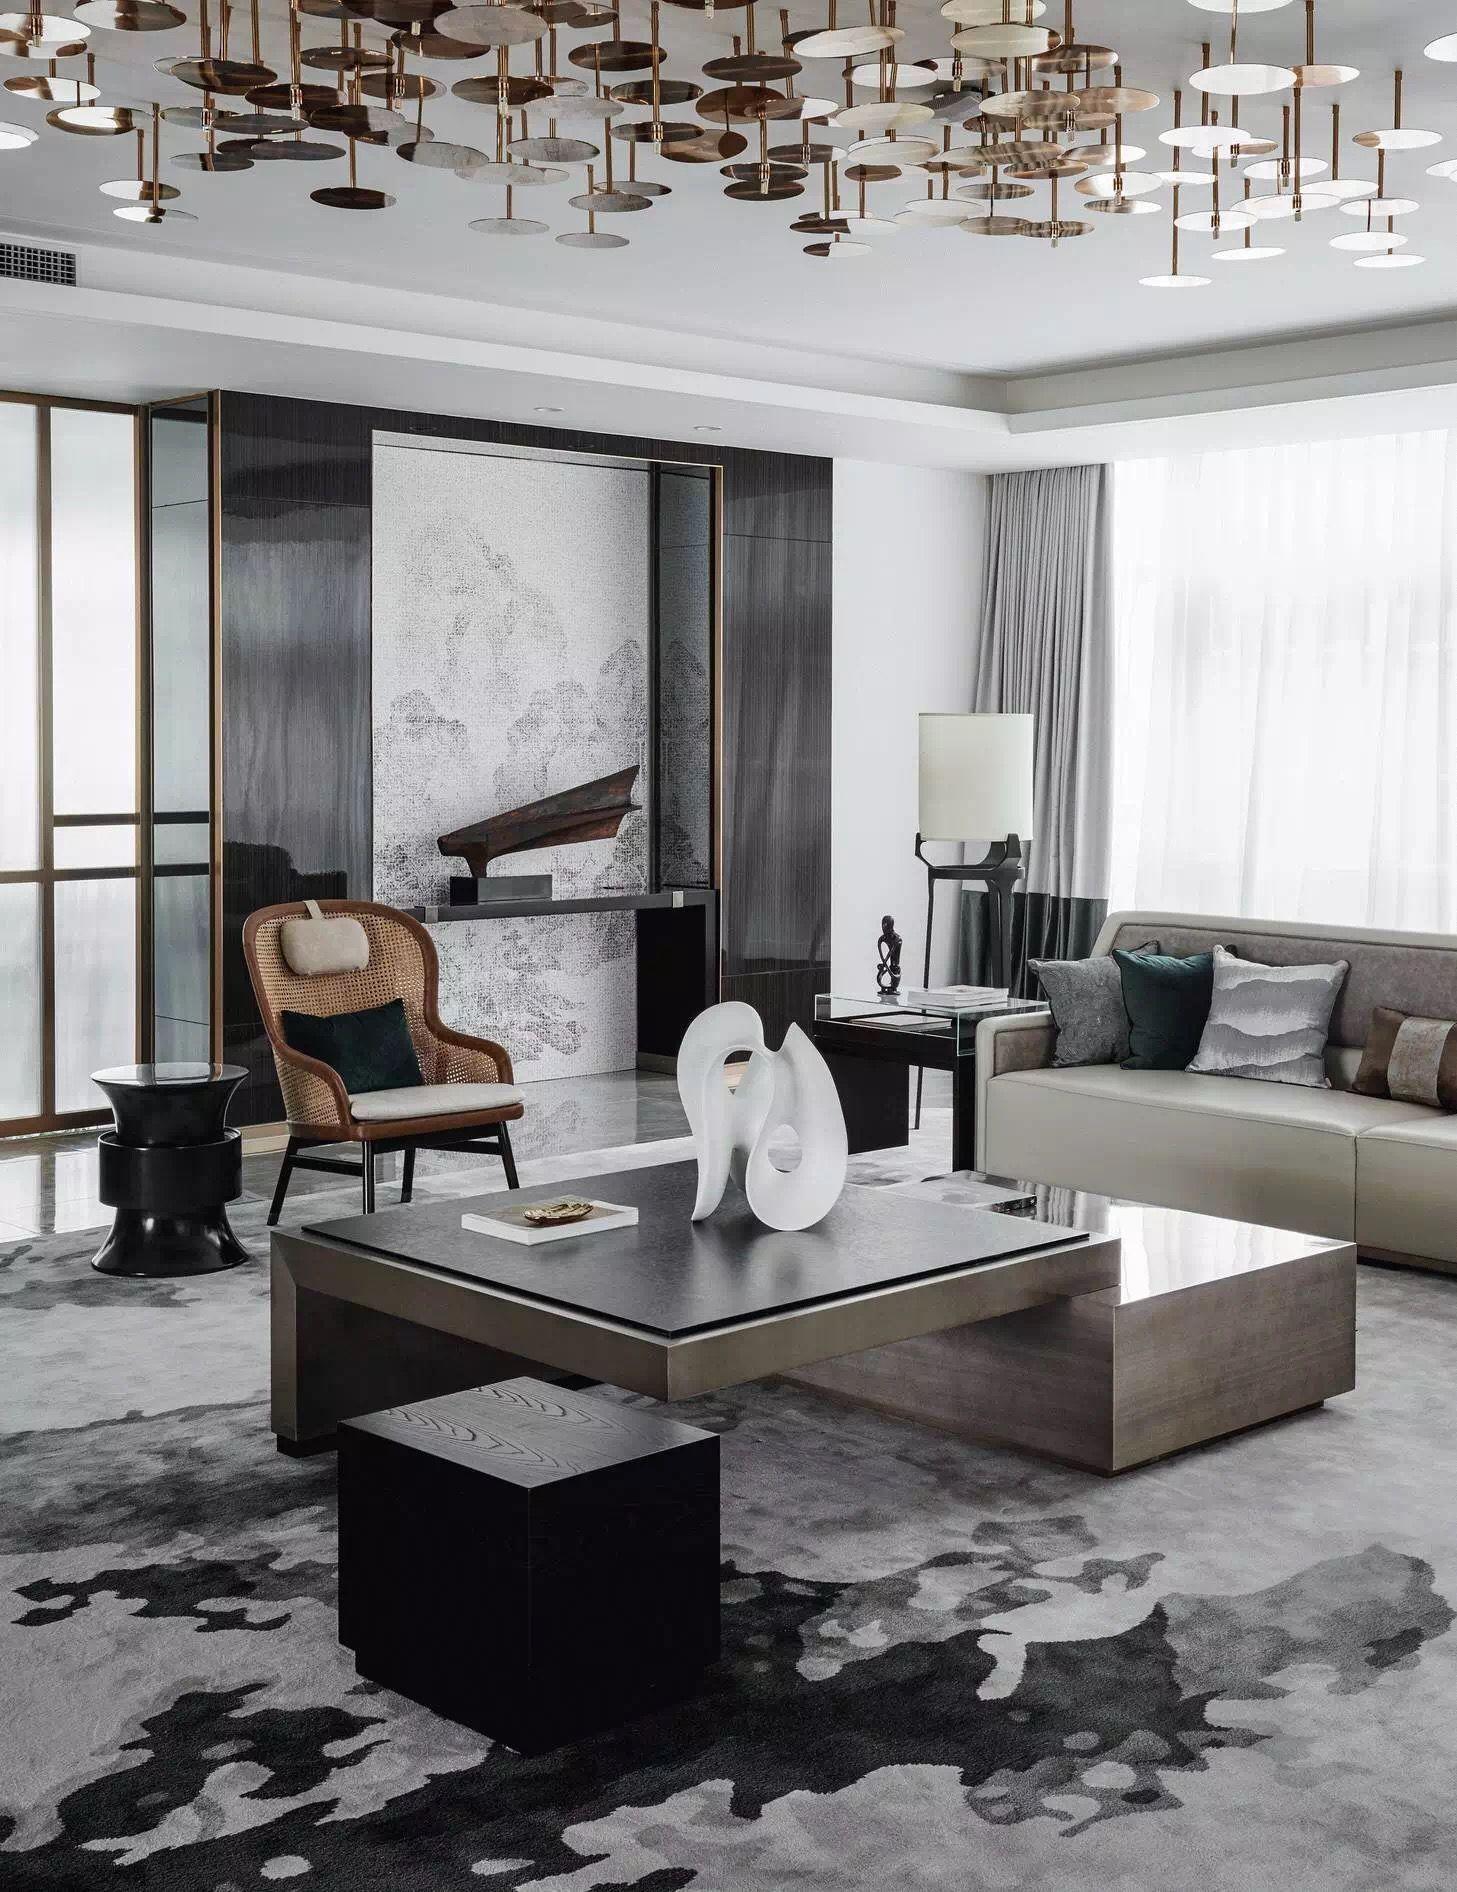 201 Living Room Contemporary Ideas 2021   Contemporary decor living room, Contemporary living ...